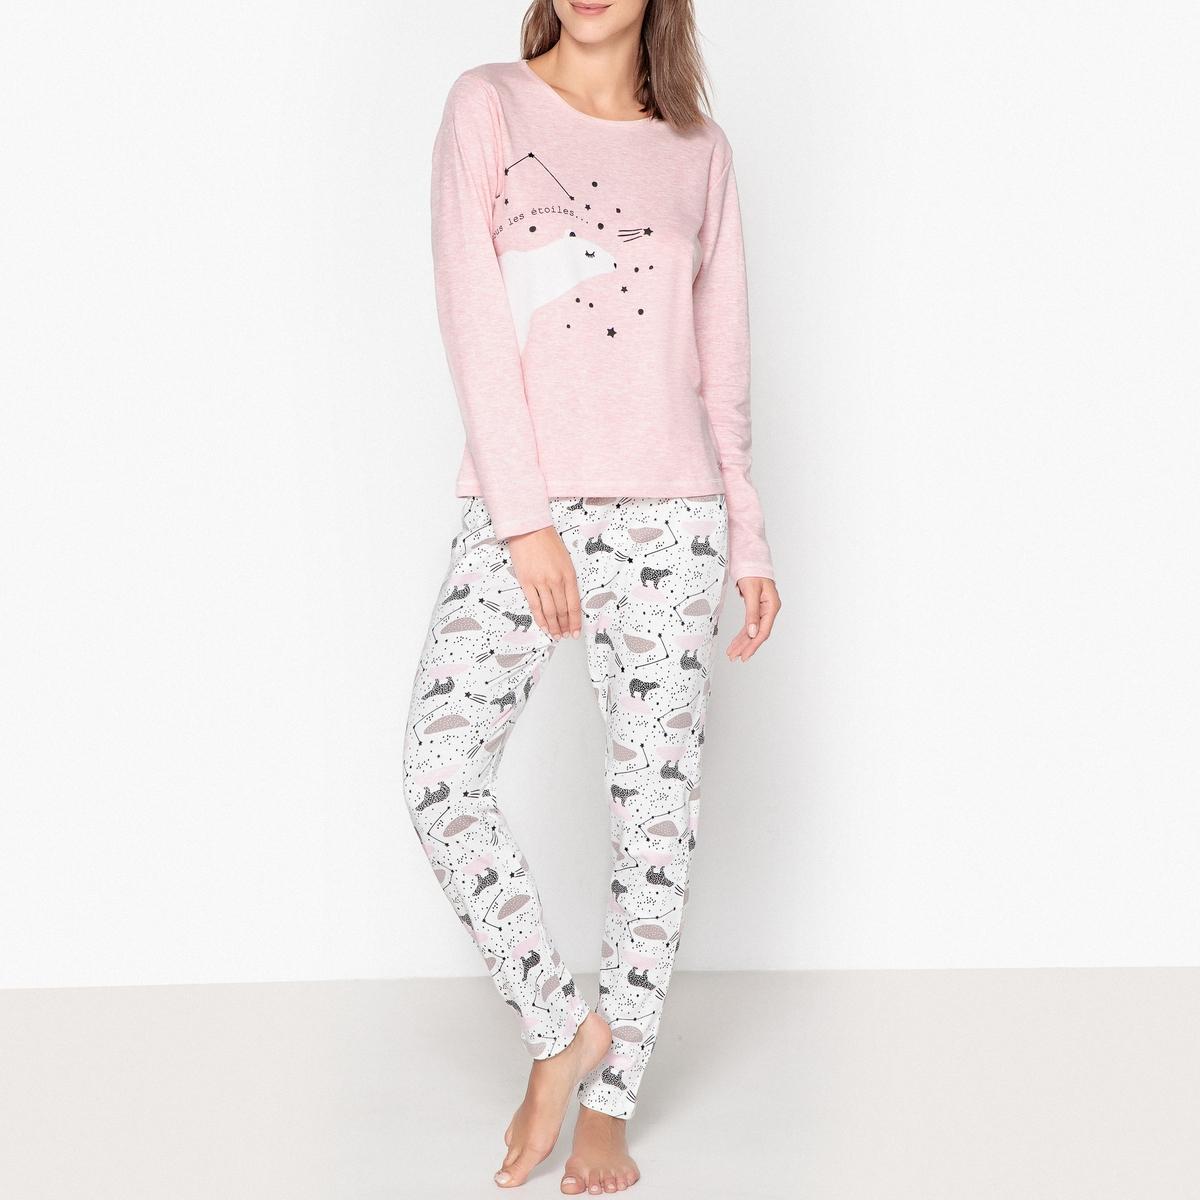 Пижама из хлопка с рисунком медведь пижама с шортами с рисунком